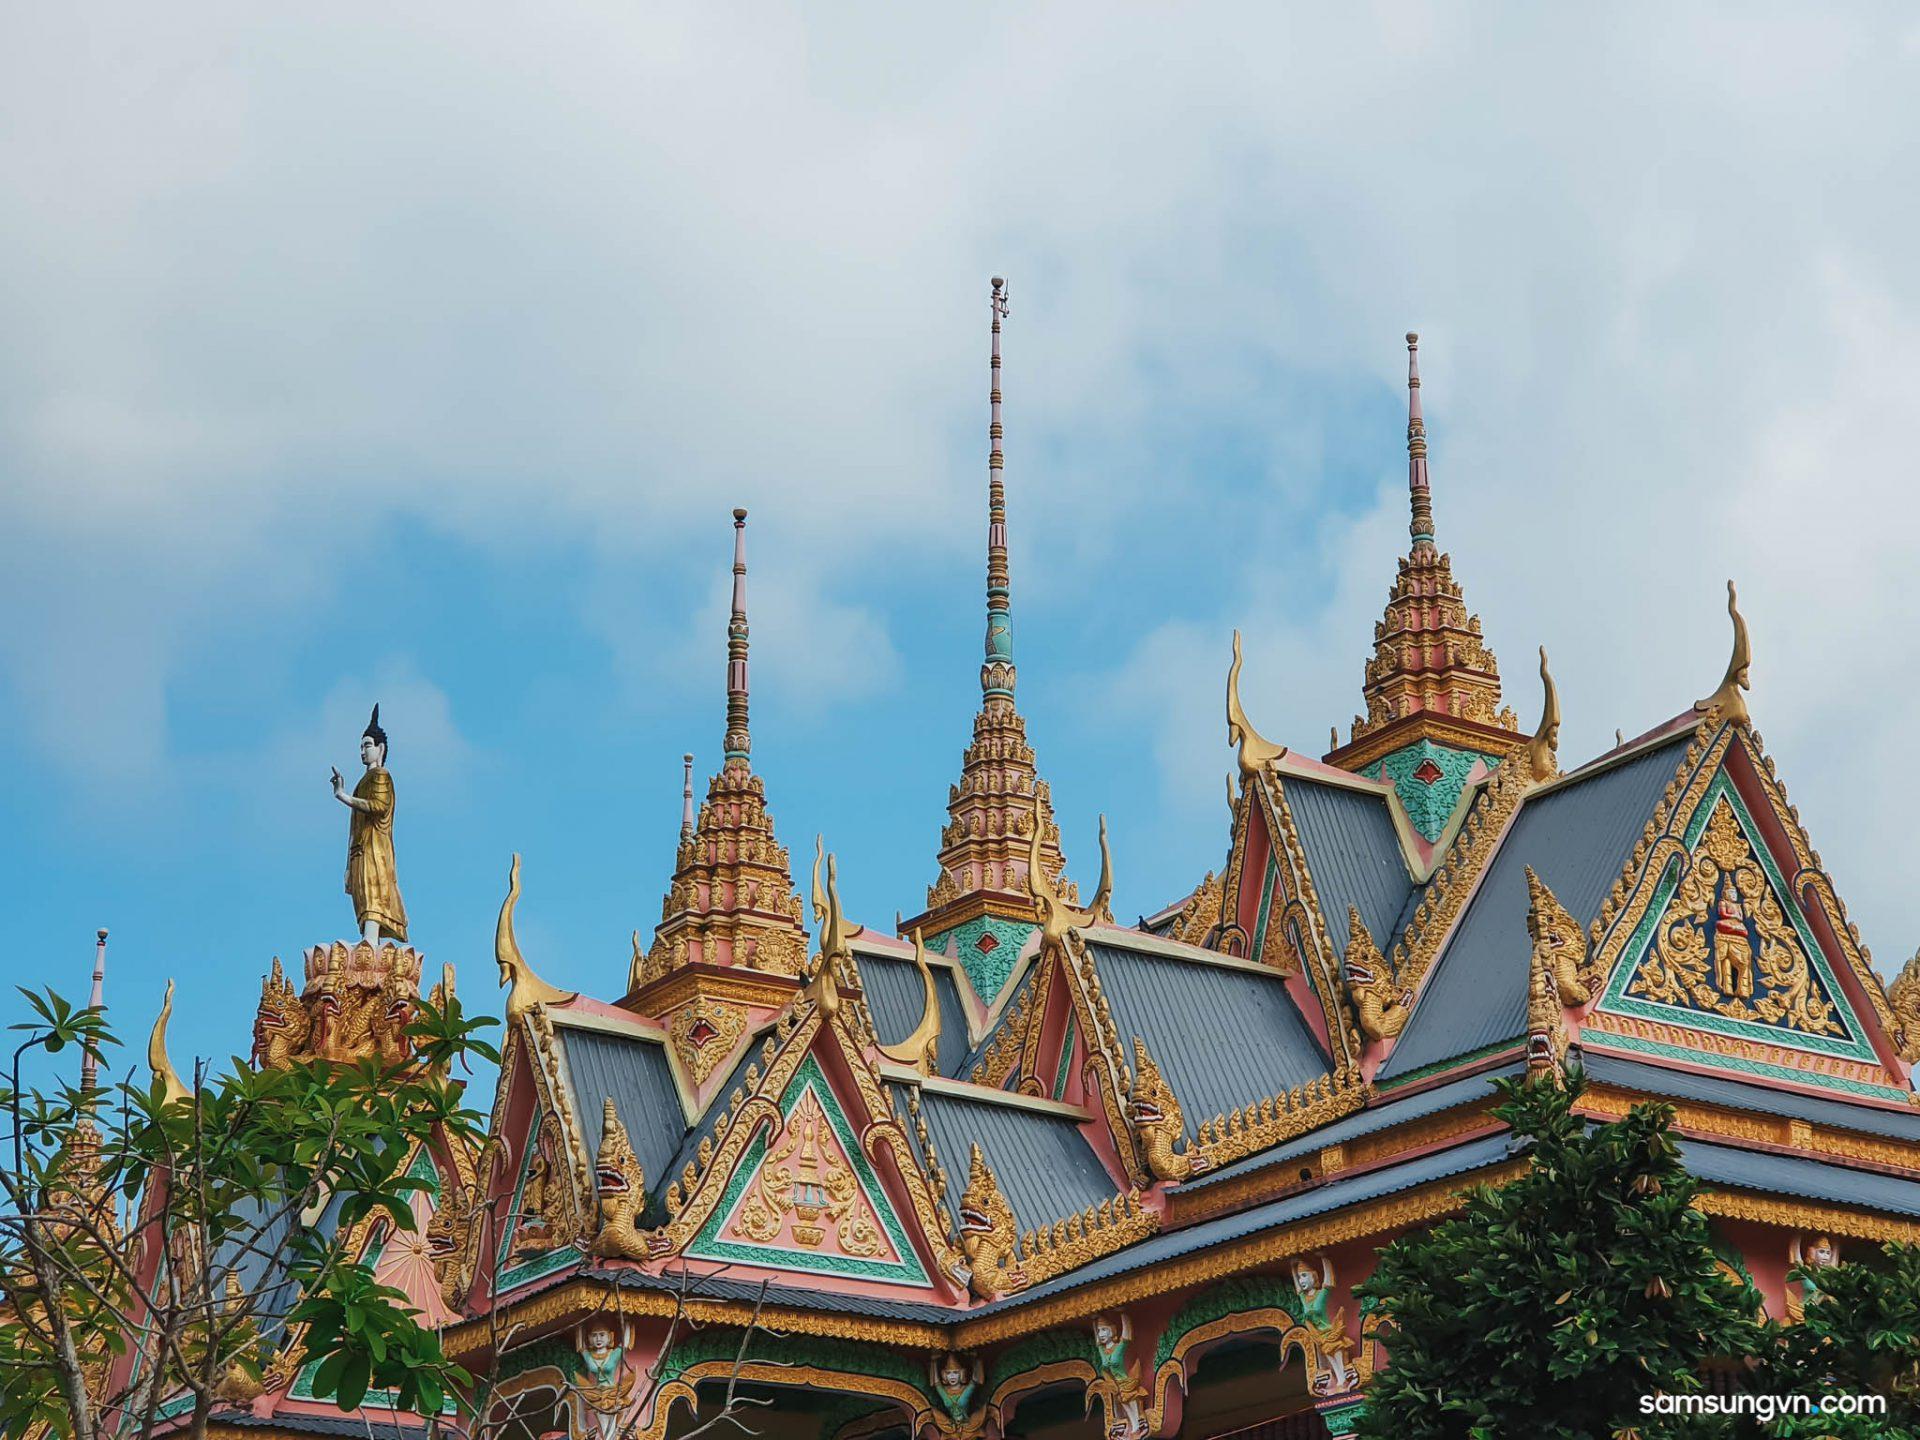 Phần 1 – Đắm mình trong nét kiến trúc Khmer độc đáo ở những ngôi chùa Sóc Trăng